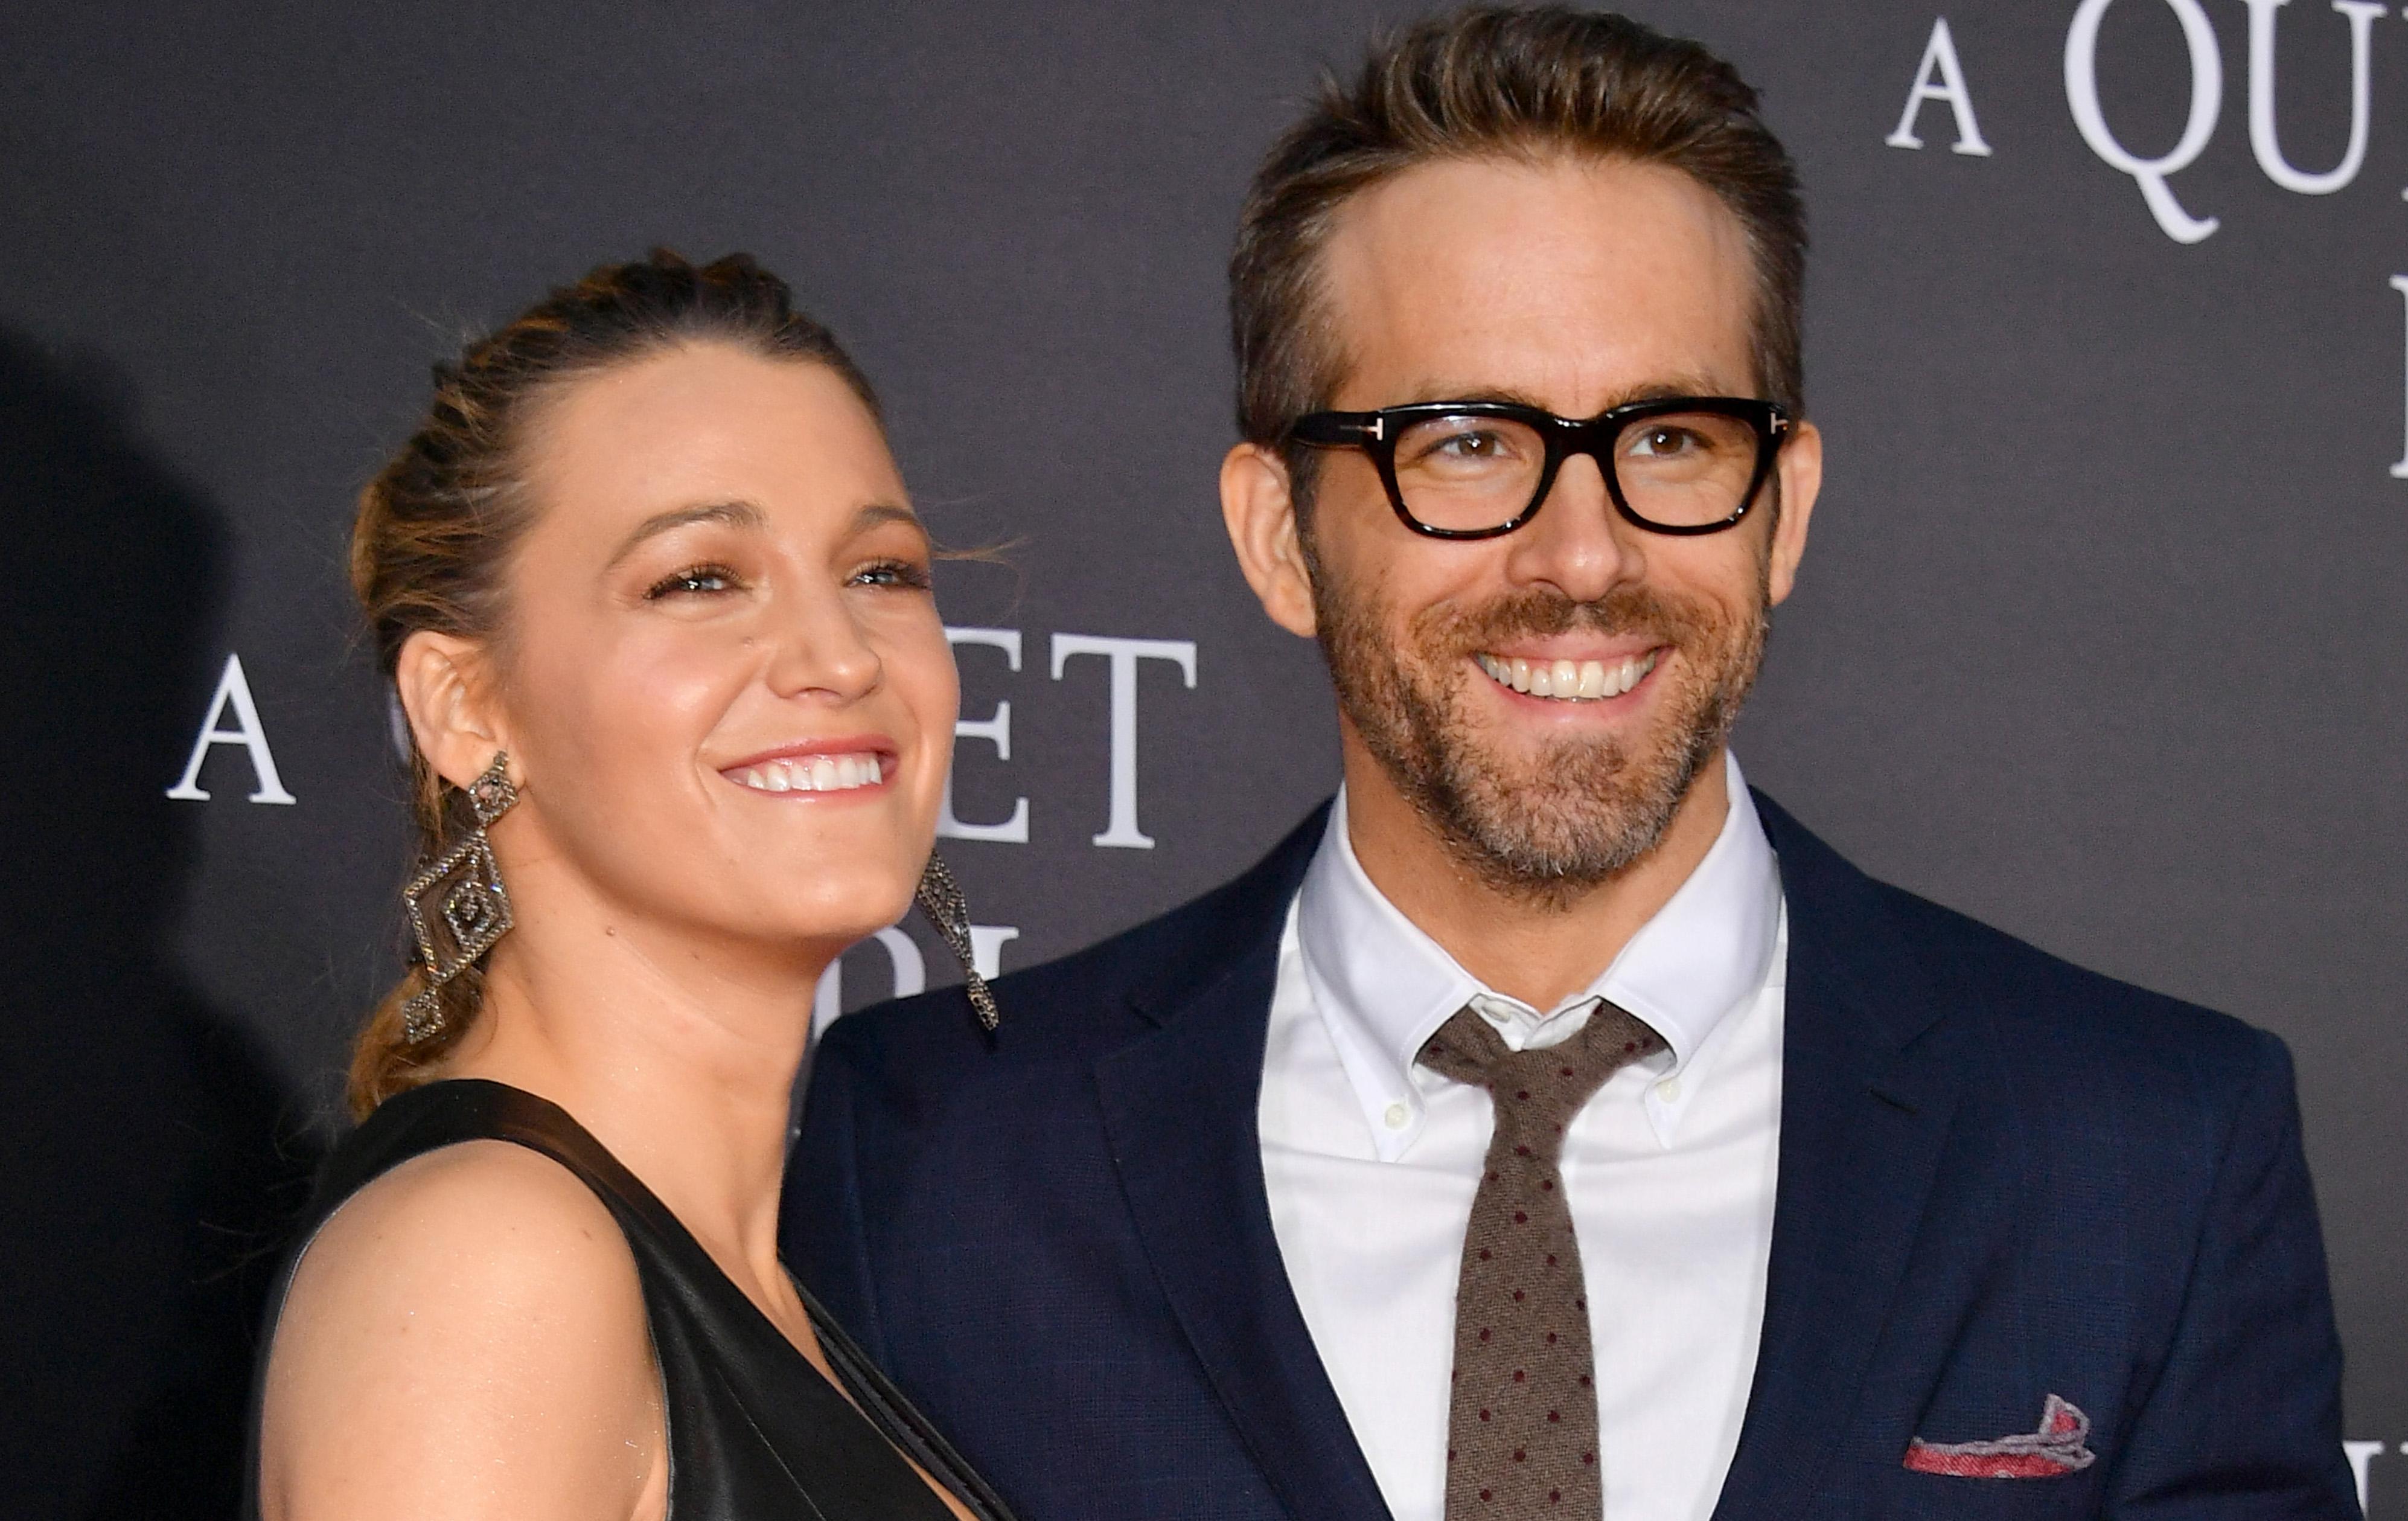 Ryan Reynolds Talking About Blake Lively Split Rumors Is Hilarious